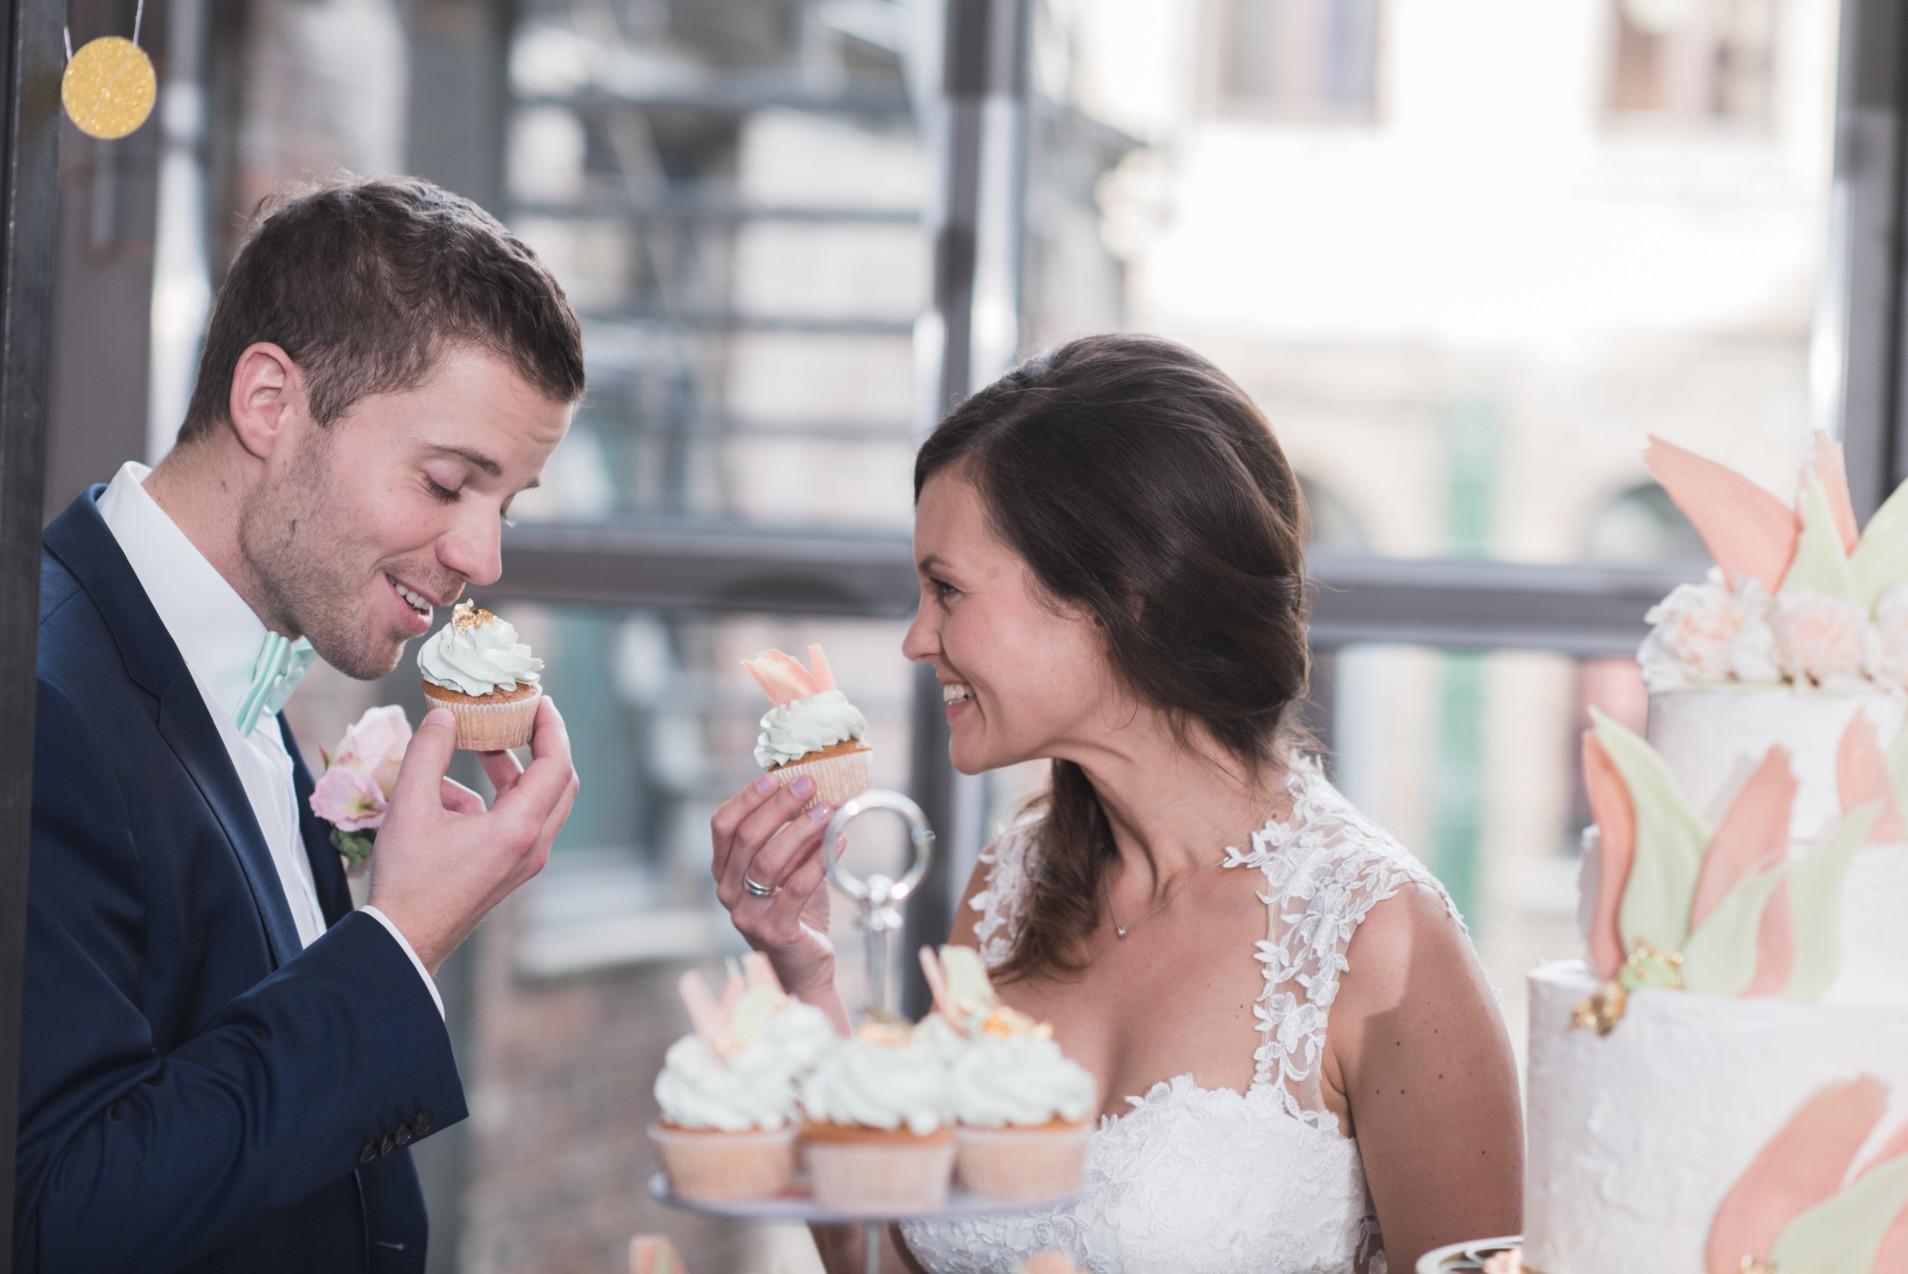 Traumberuf Trauredner Kurs Hochzeitsredner Stundenplan